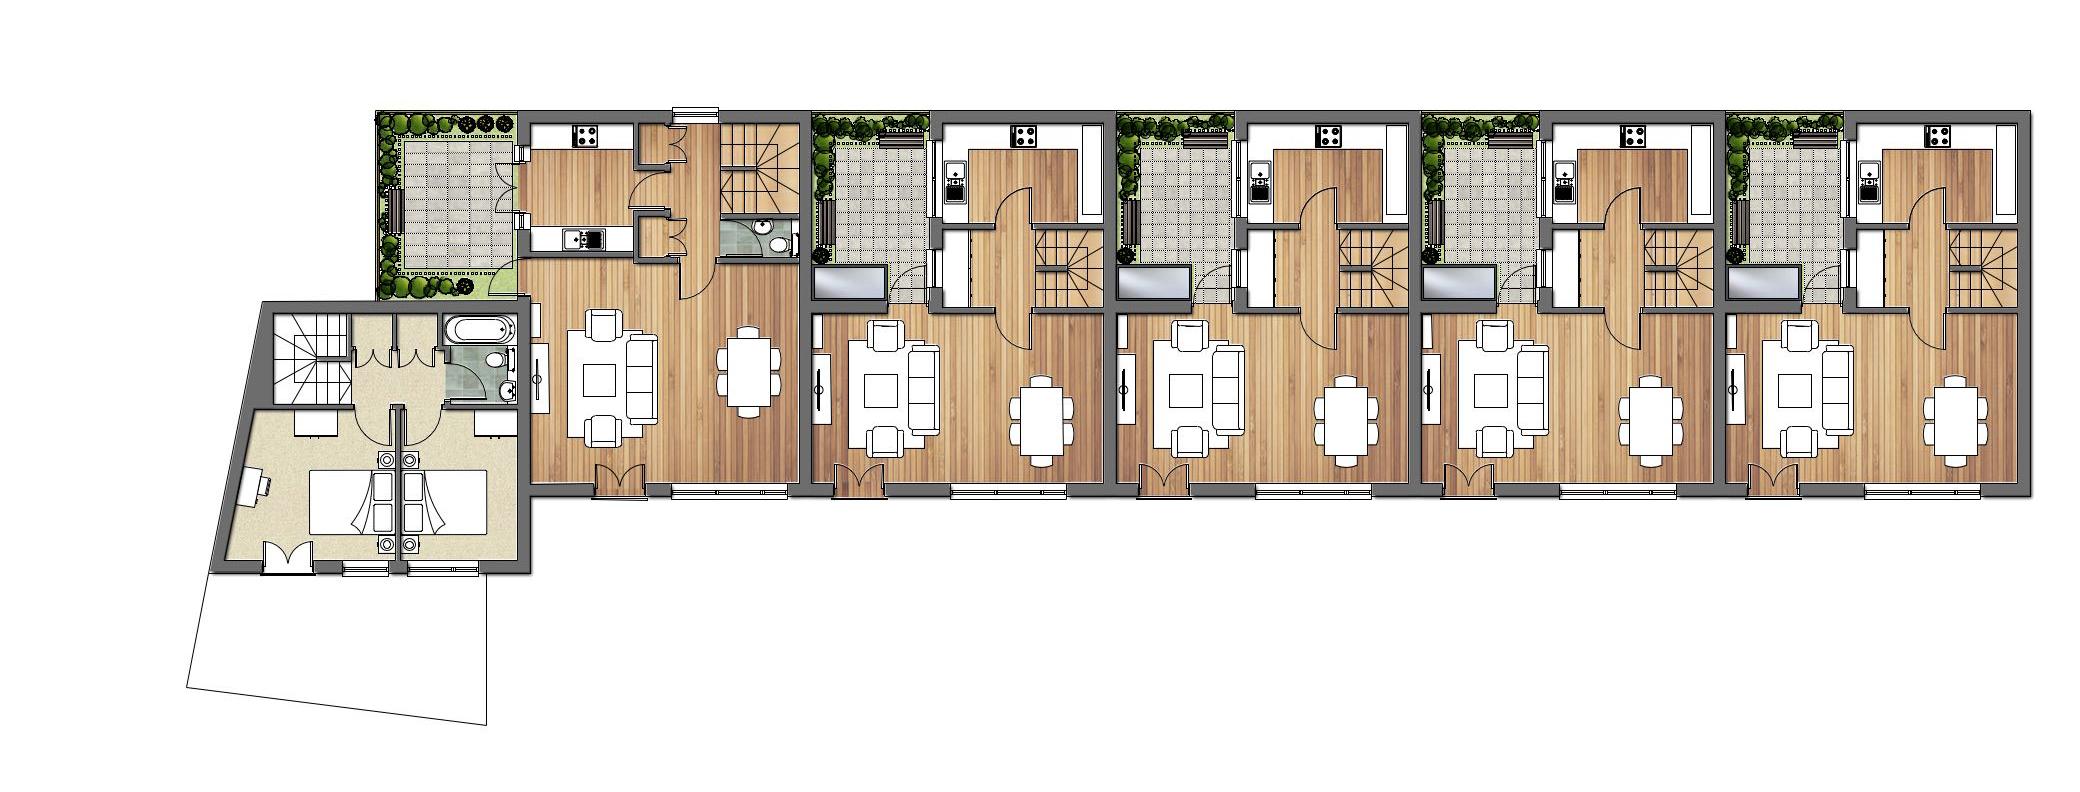 A173-Conyer's Road - Floor Plans 2.jpg